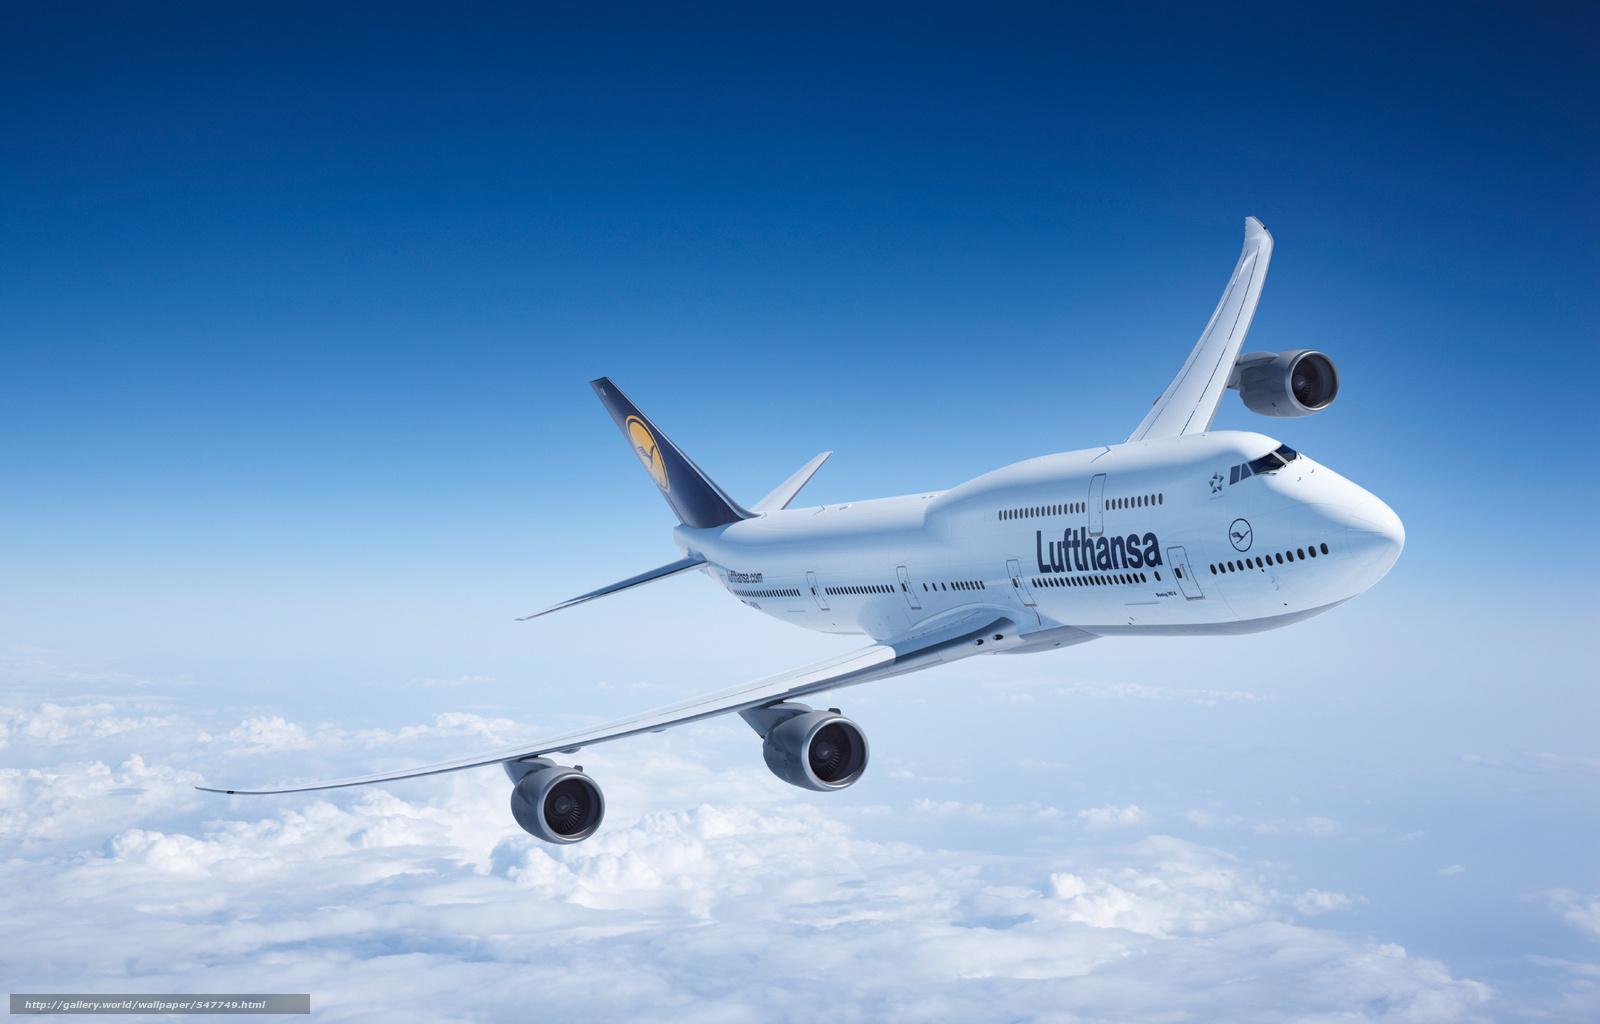 Скачать обои Самолет,  Боинг,  Boeing,  авиалайнер бесплатно для рабочего стола в разрешении 2504x1602 — картинка №547749